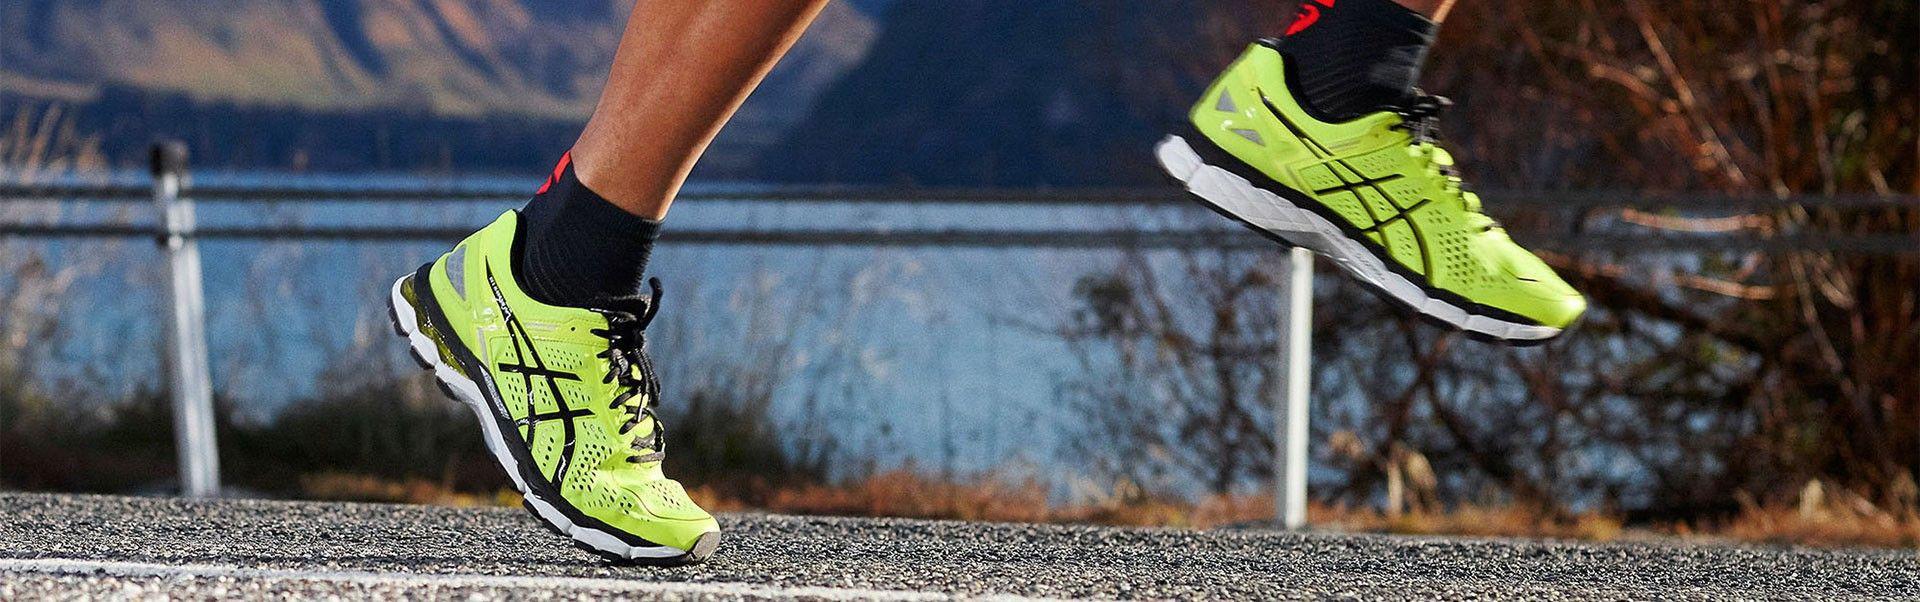 Bėgimui